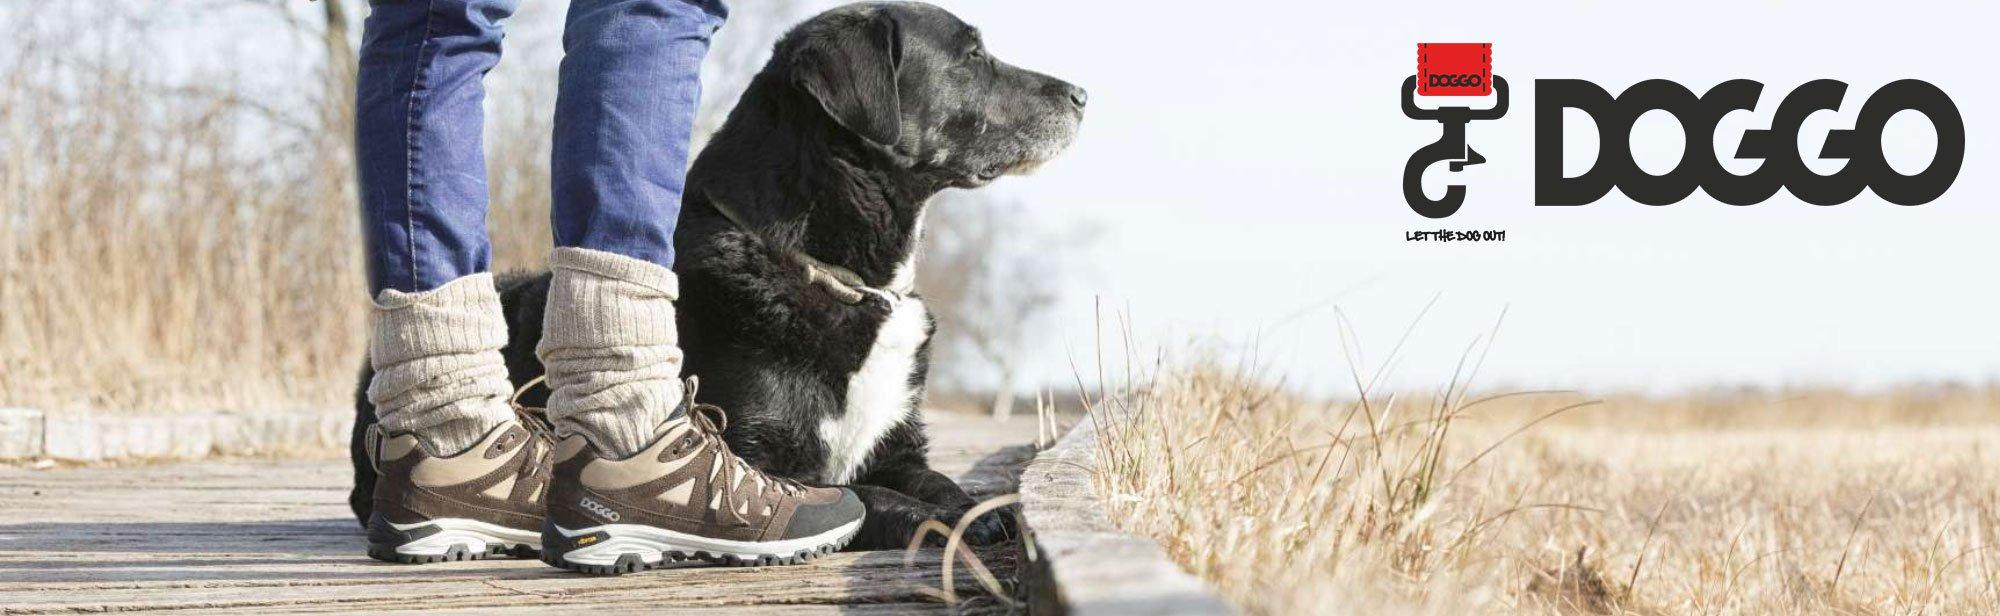 Doggo Onlineshop Gummistiefel, Bild 2